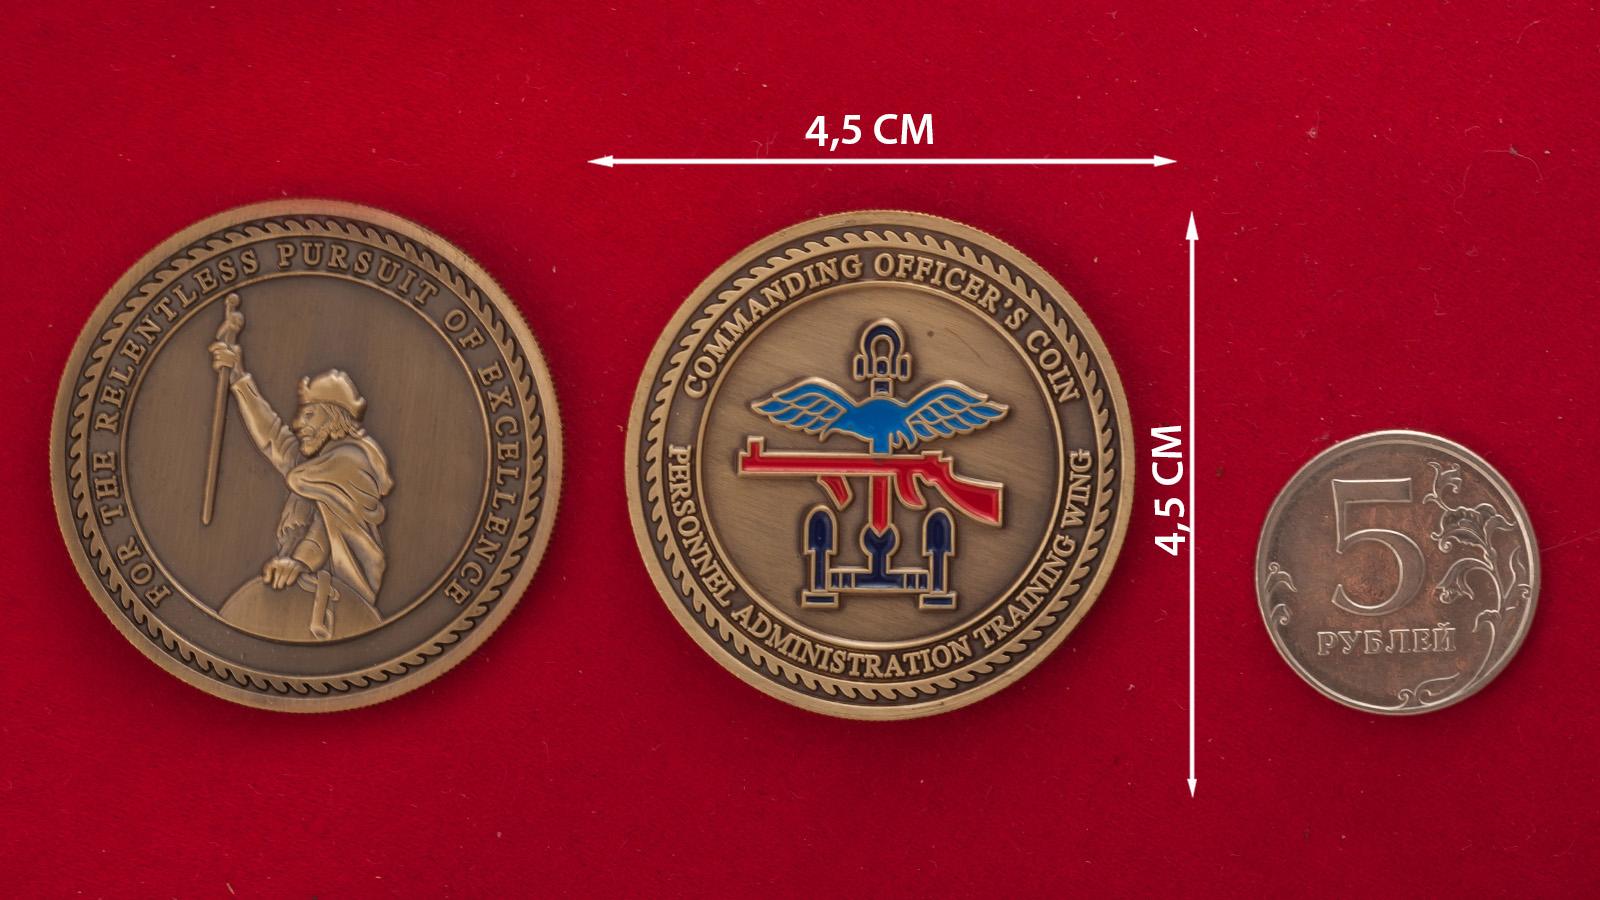 Челлендж коин офицеров учебного крыла управления кадров и тыла Королевских ВВС Великобритании - сравнительный размер